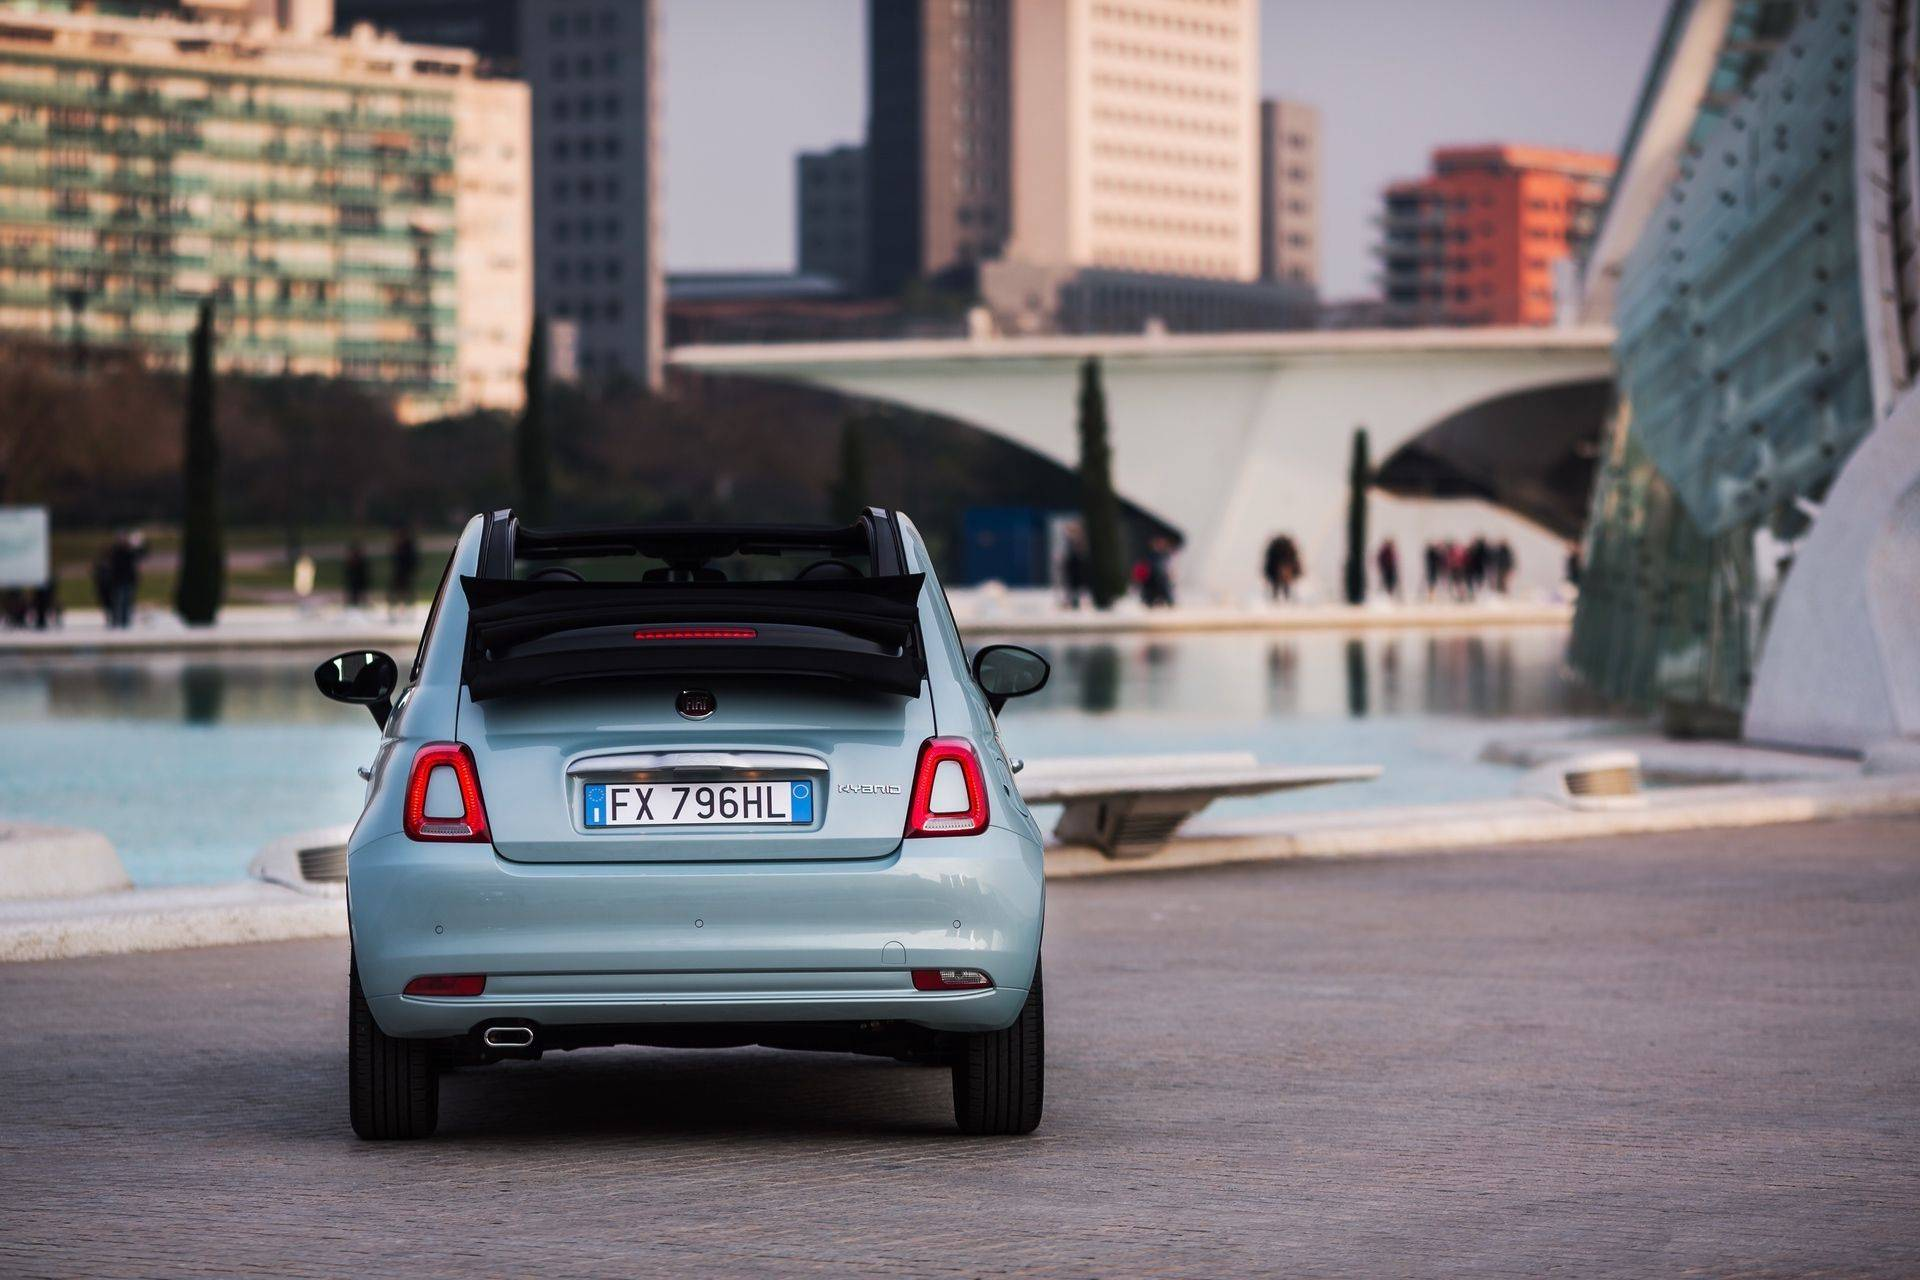 200108_Fiat-500-Hybrid_02